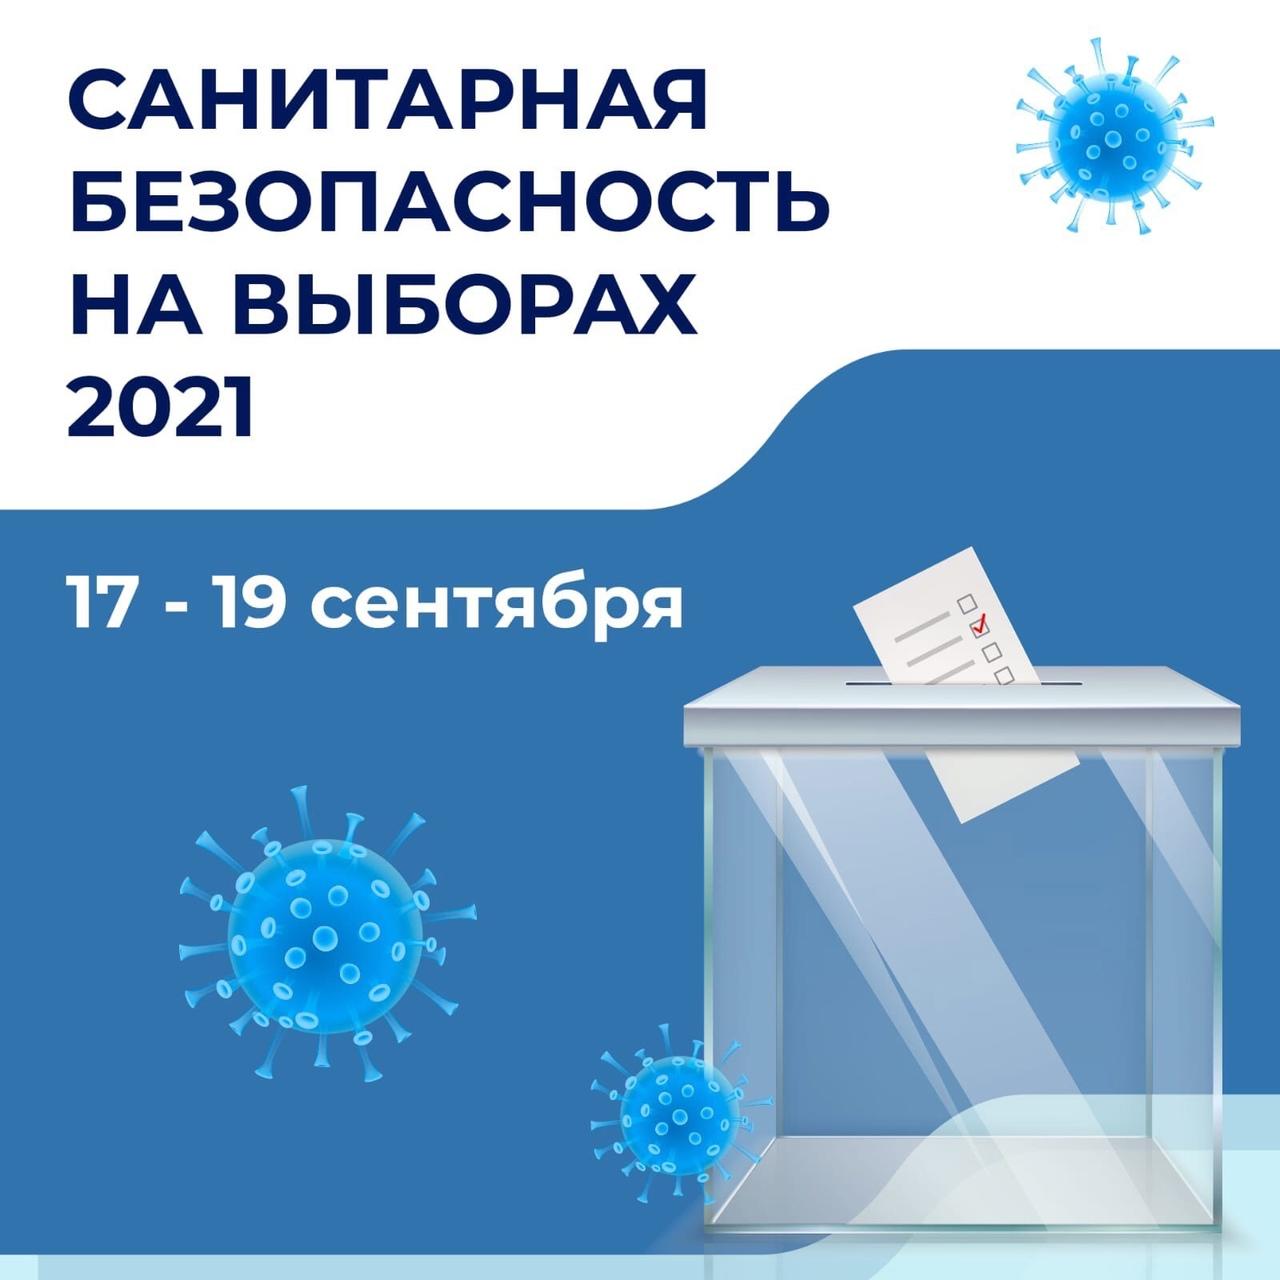 Сентябрьские выборы 2021 года – важное событие в политической жизни страны